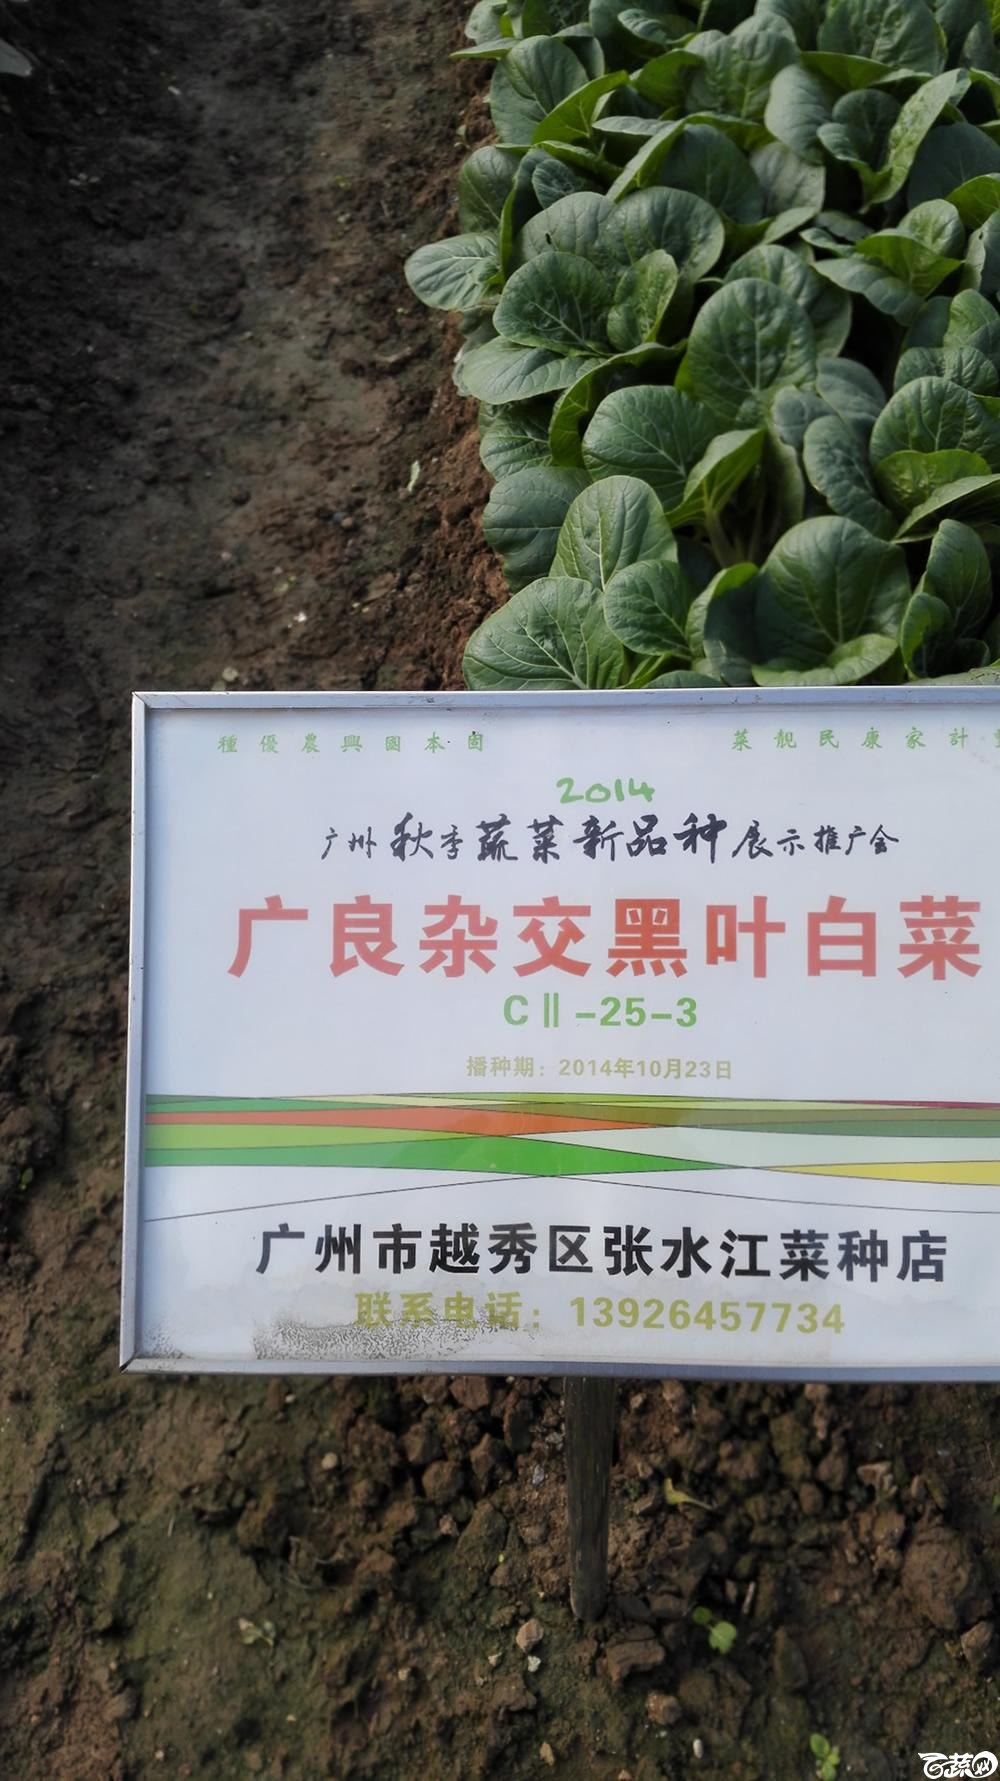 2014年12月10号广州市农科院南沙秋季蔬菜新品种展示会_叶菜_242.jpg